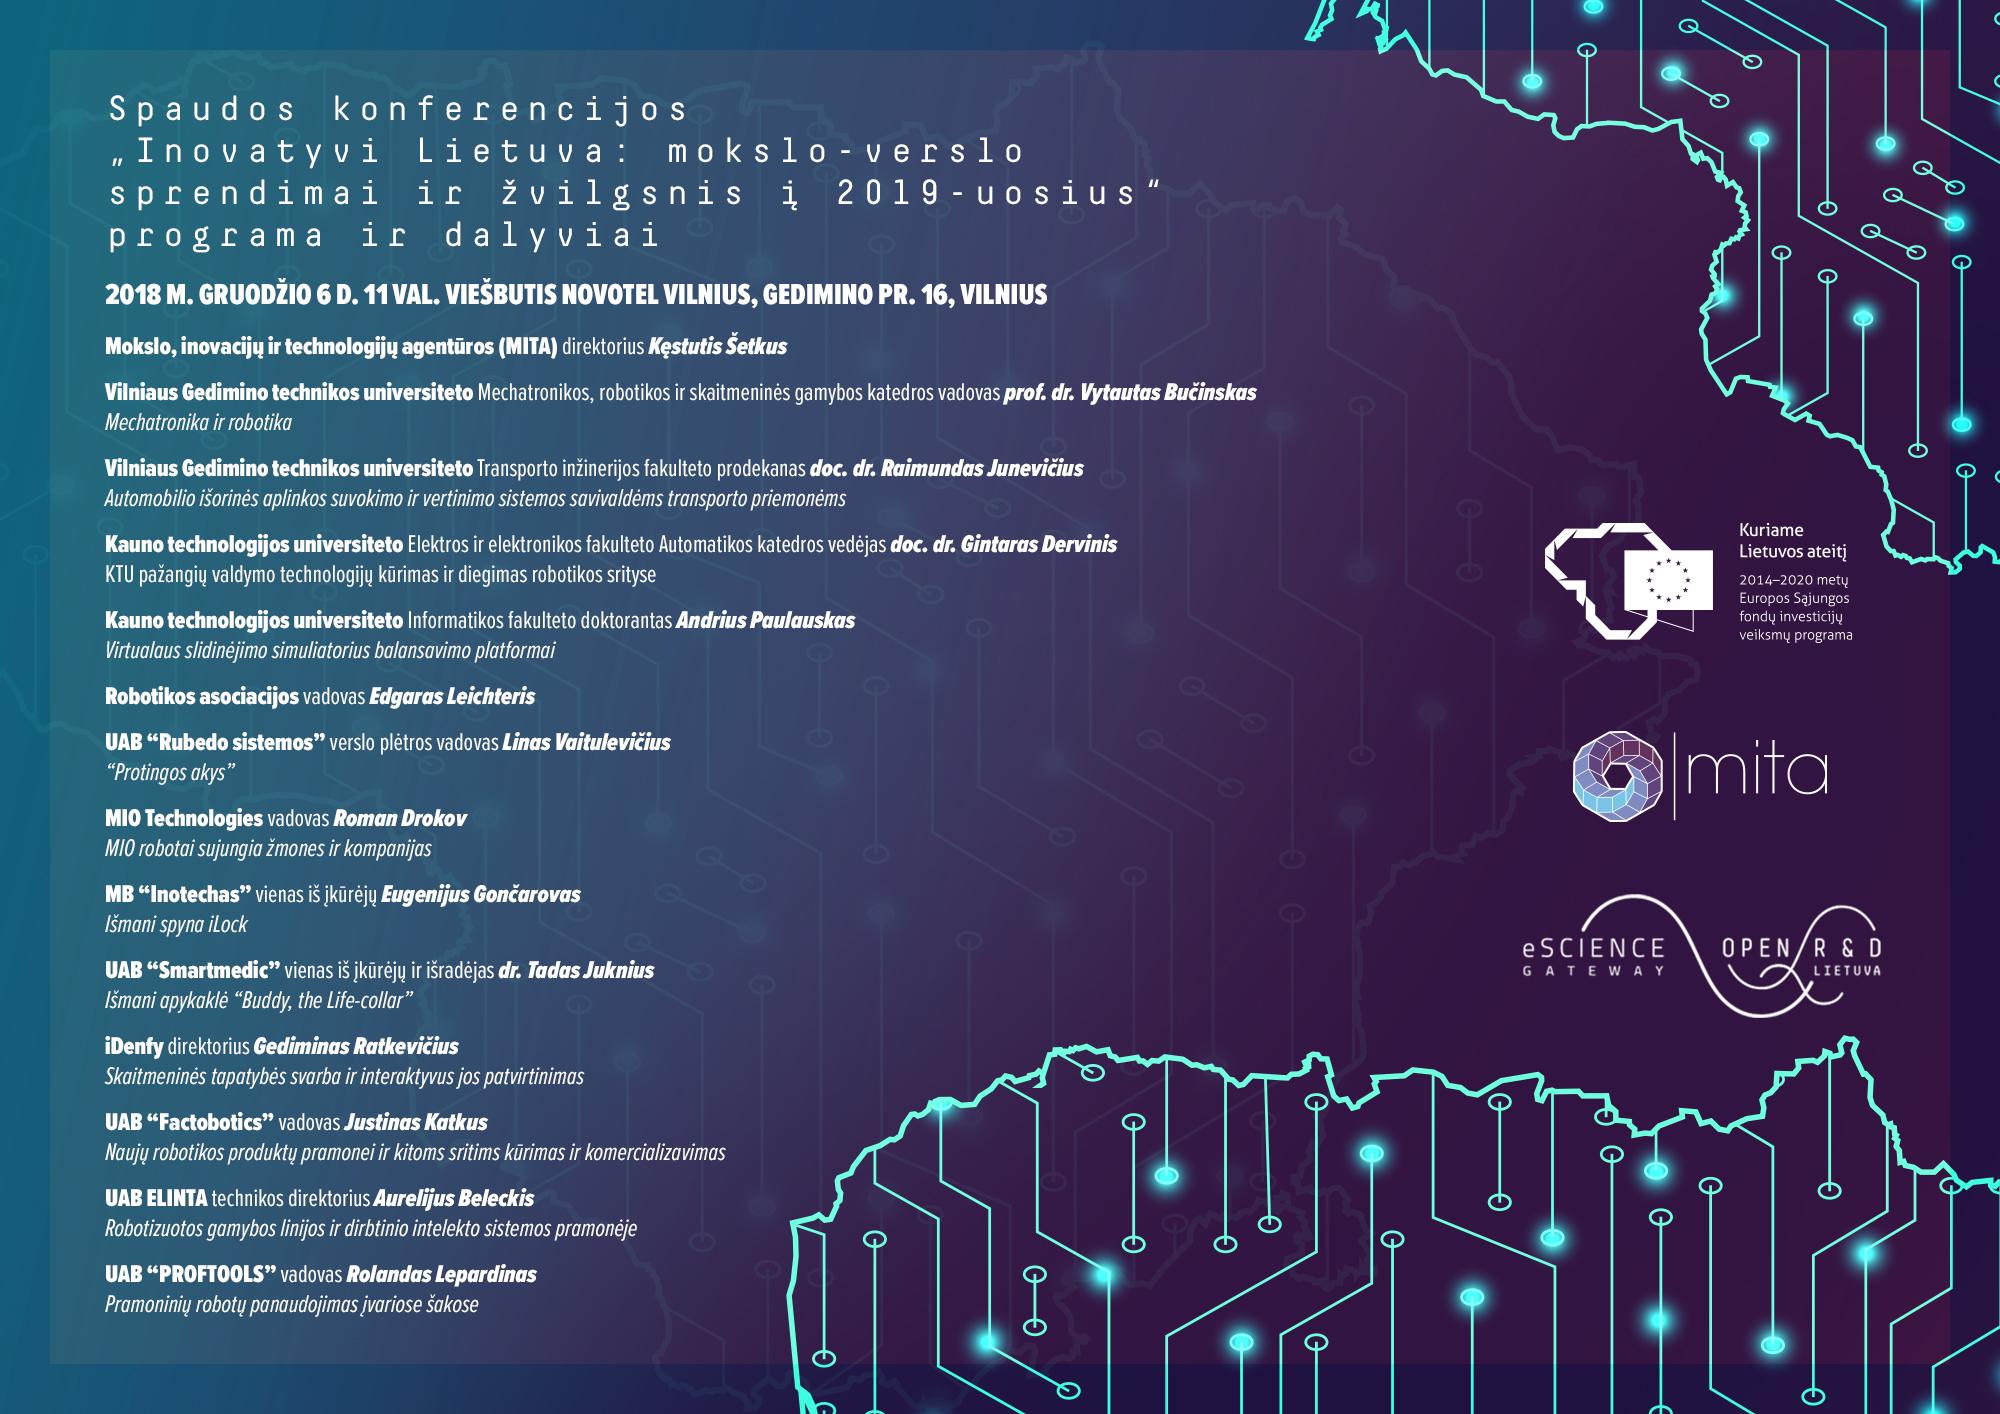 """Naujausi Lietuvos pasiekimai robotikos srityje – spaudos konferencijoje """"Inovatyvi Lietuva: mokslo-verslo sprendimai ir žvilgsnis į 2019-uosius"""""""